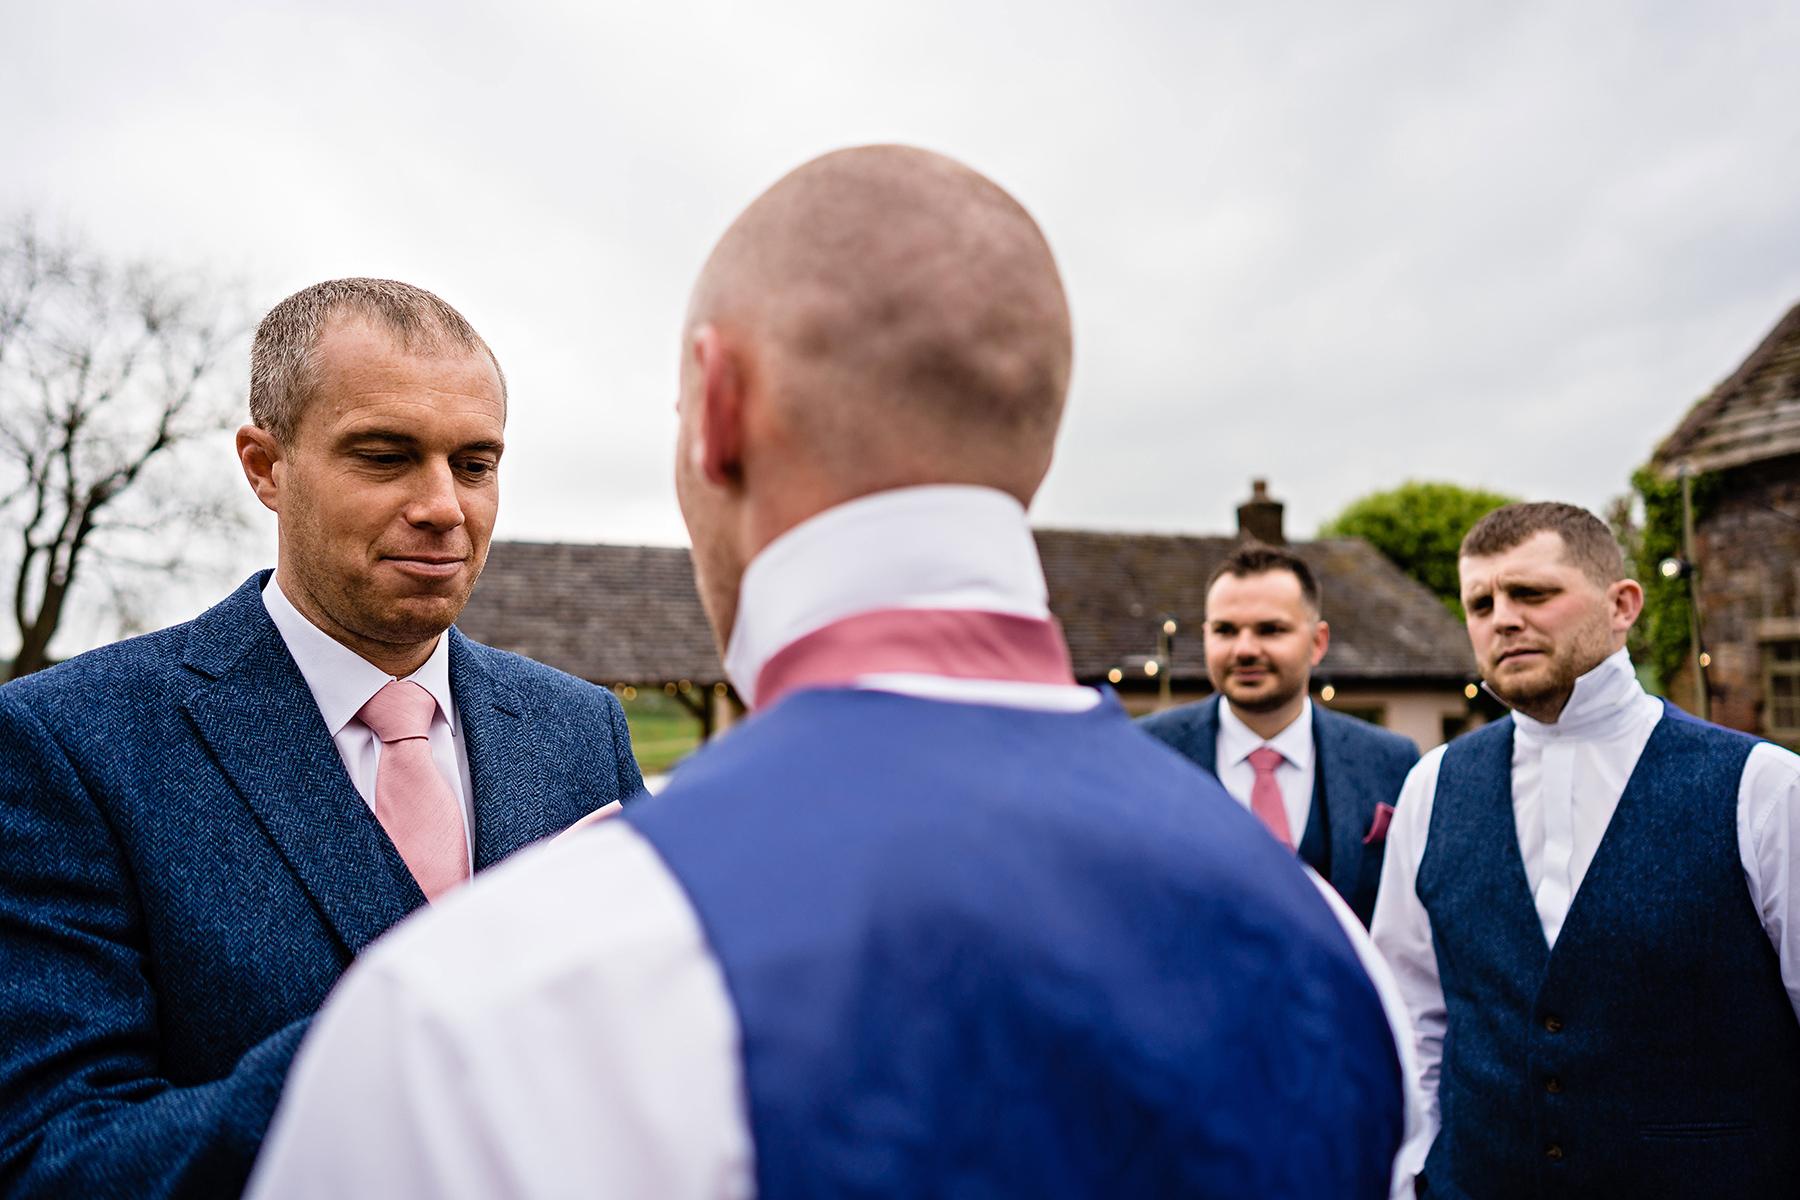 Groom tying his groomsmans tie